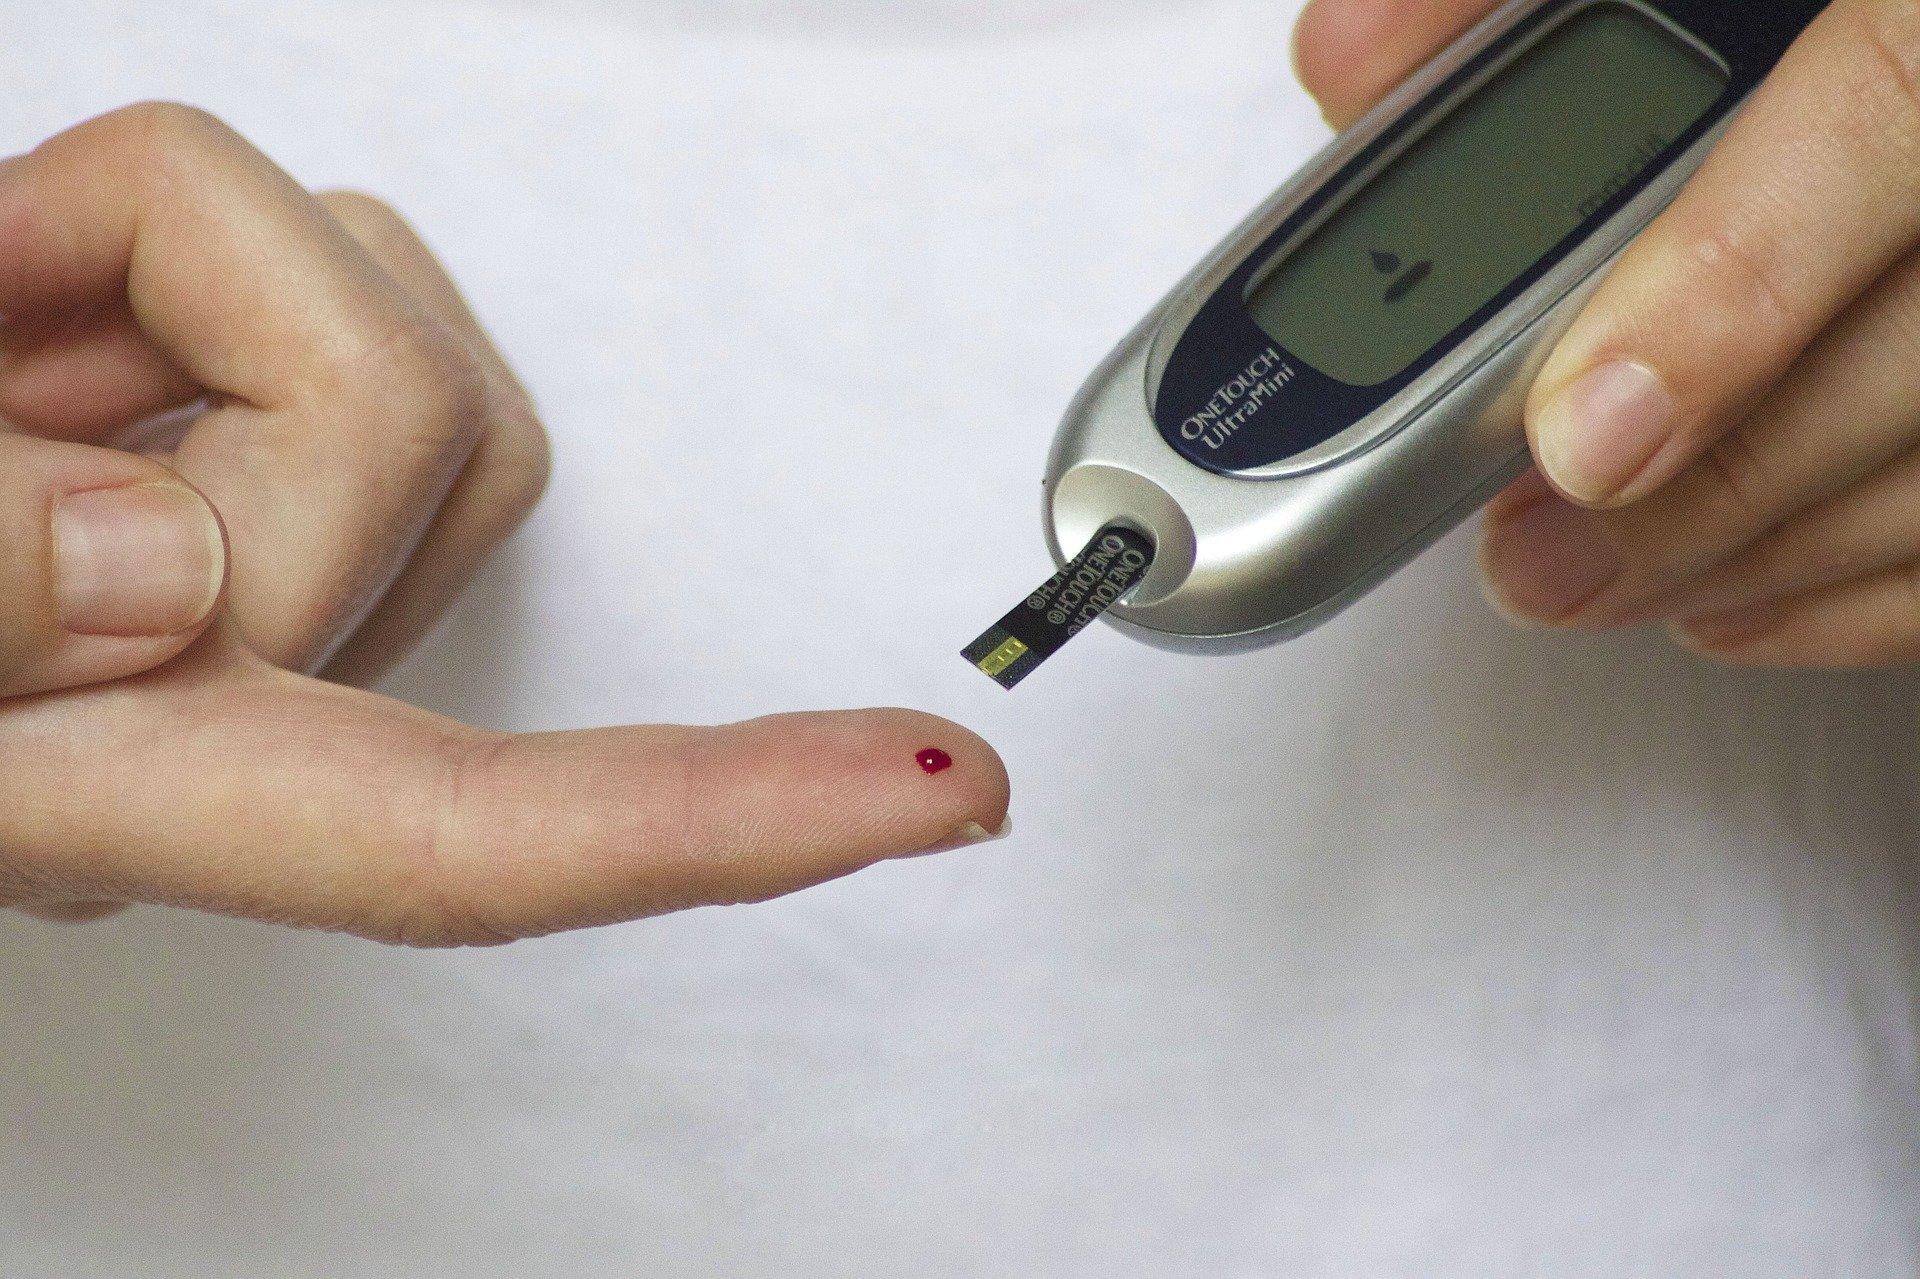 człowiek sprawdza poziom cukru nakłuwając palec